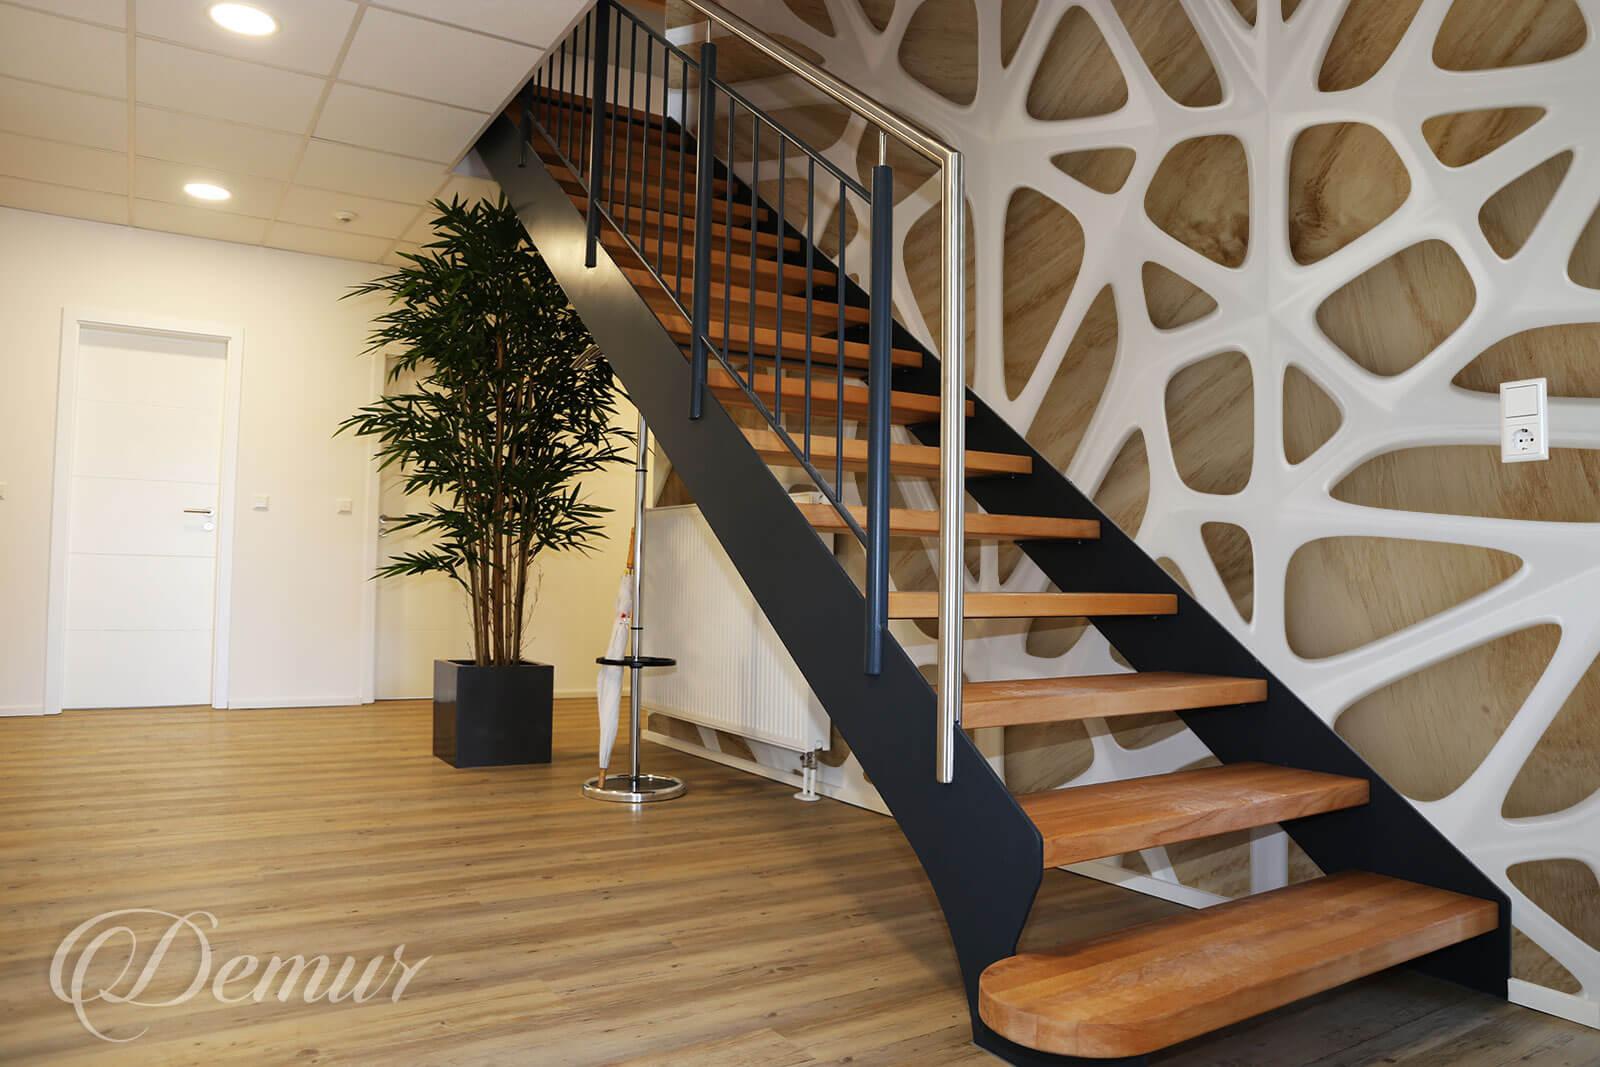 Fototapeta W trójwymiarowej sieci - Fototapety na klatce schodowej - Demur